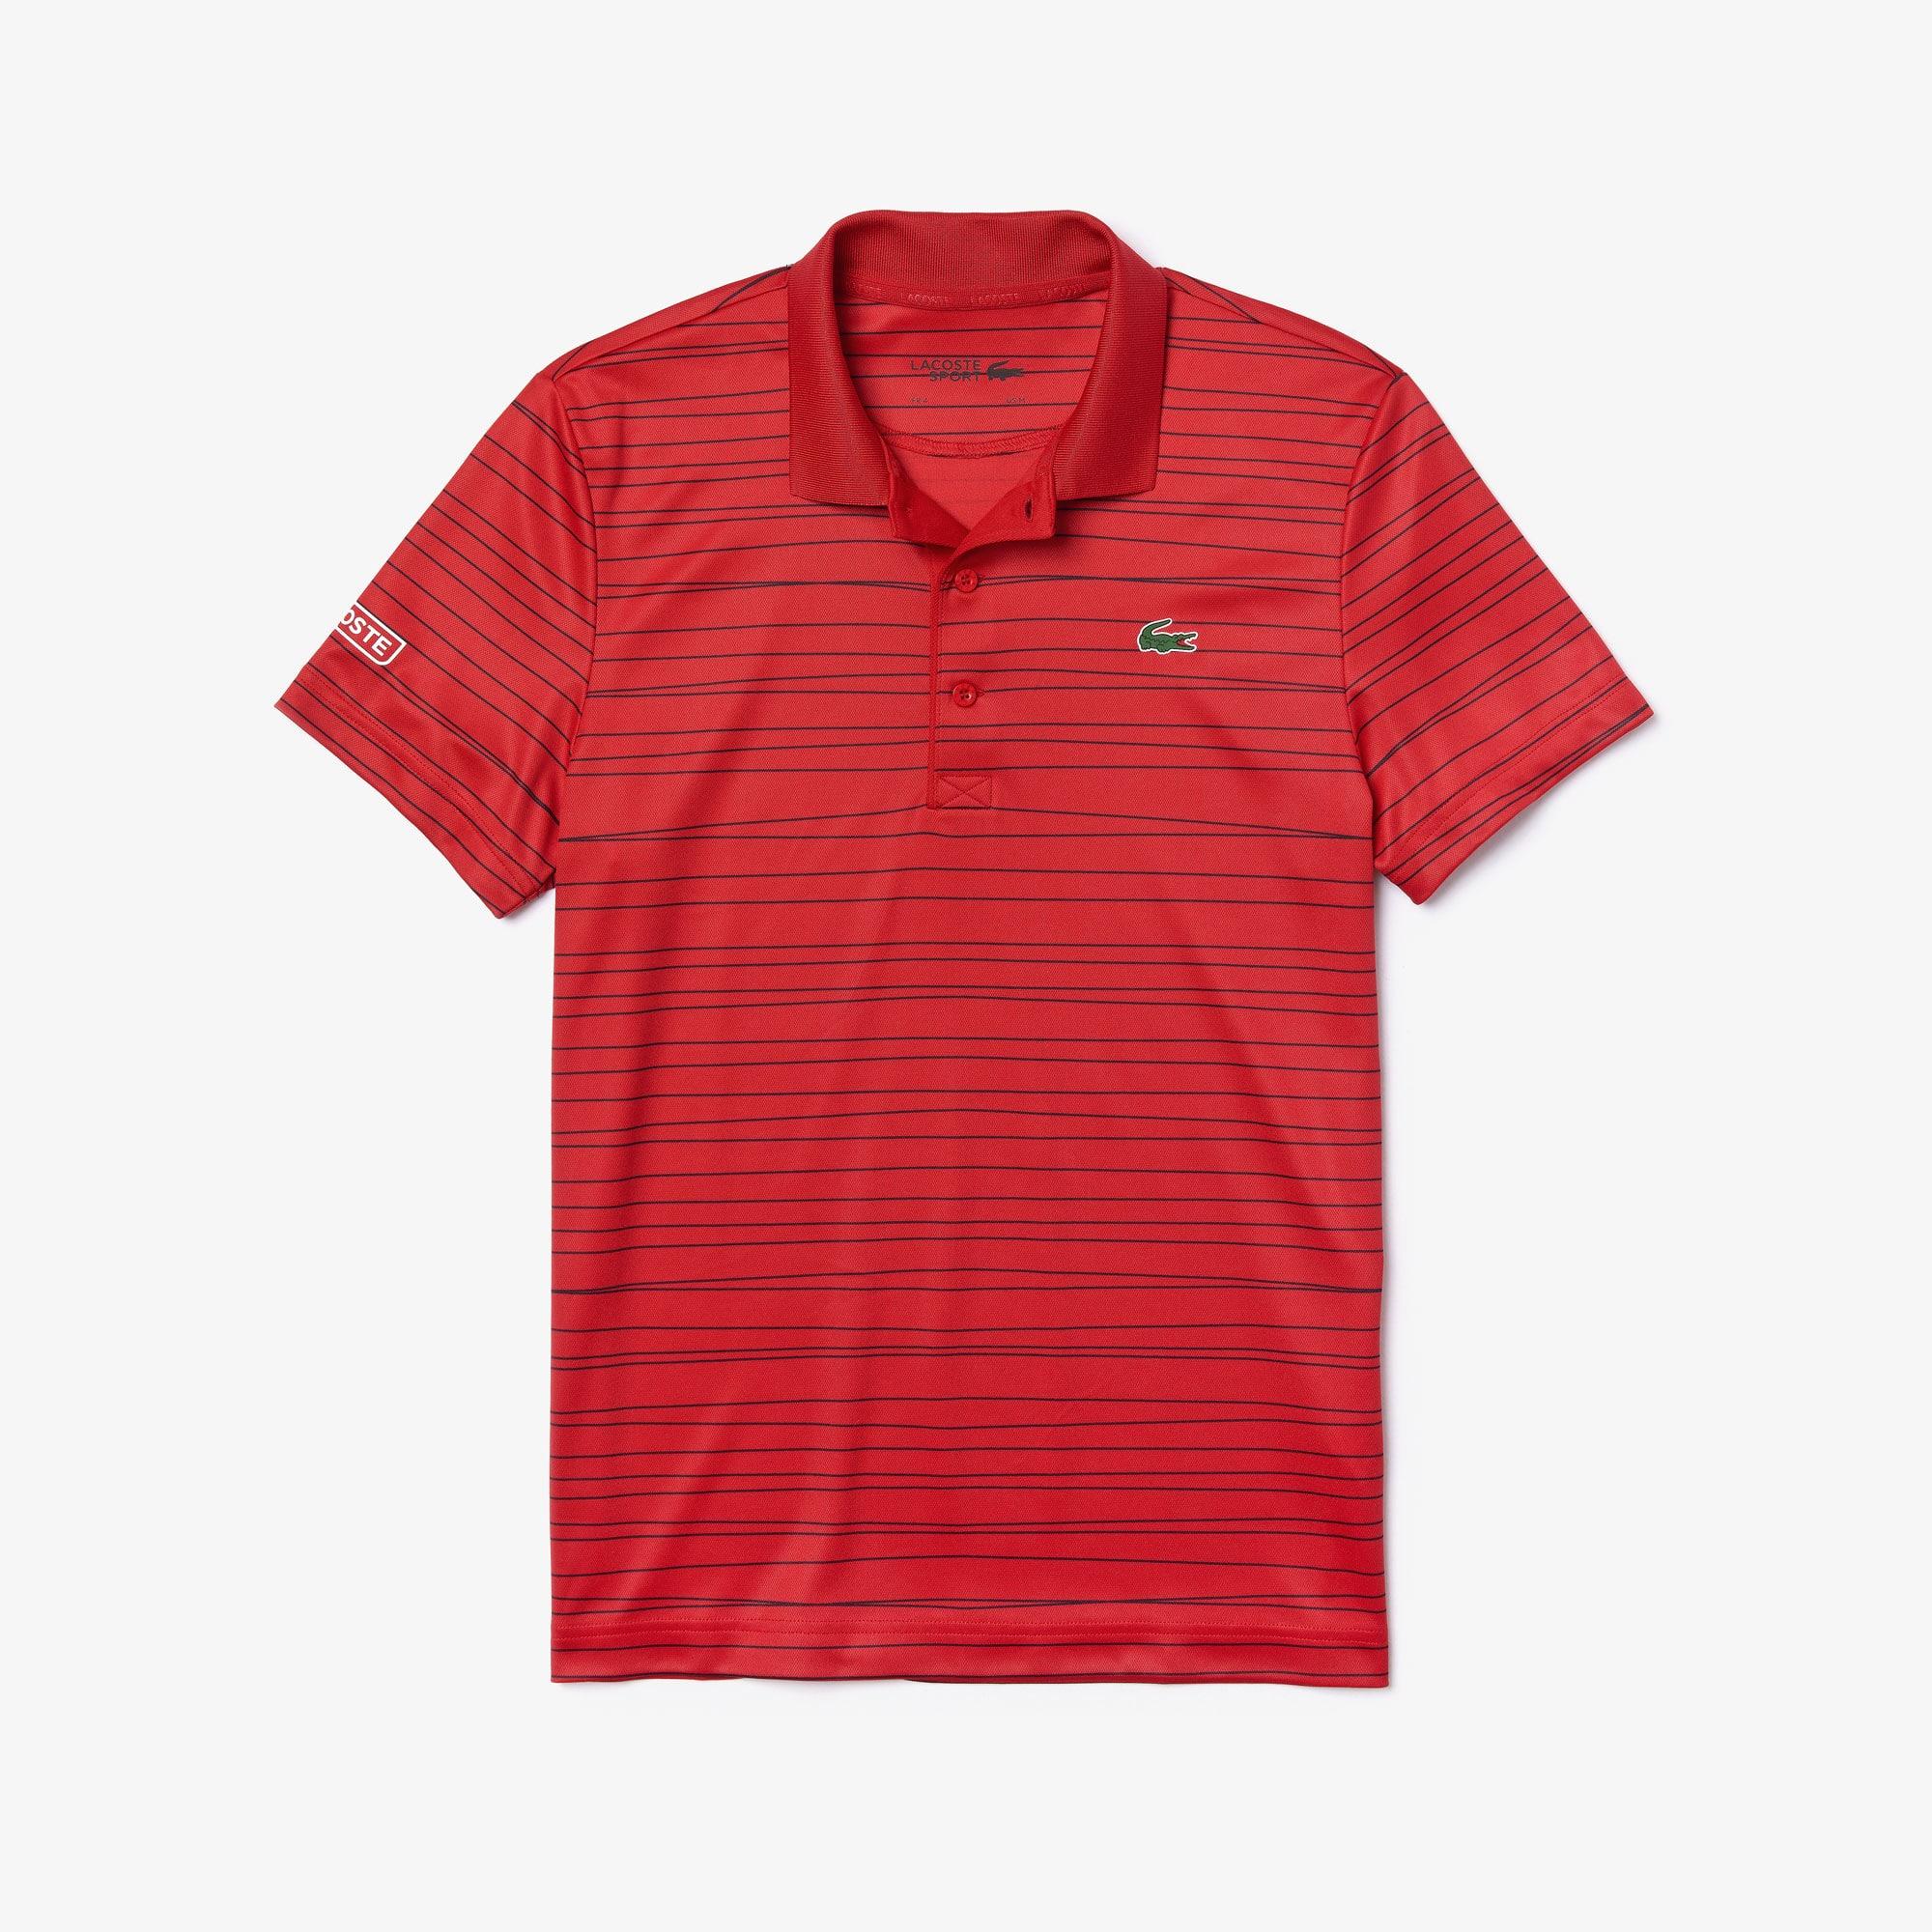 Polo Tennis Lacoste SPORT en piqué respirant imprimé à rayures Taille 3 - S Rouge / Bleu Marine / Bl